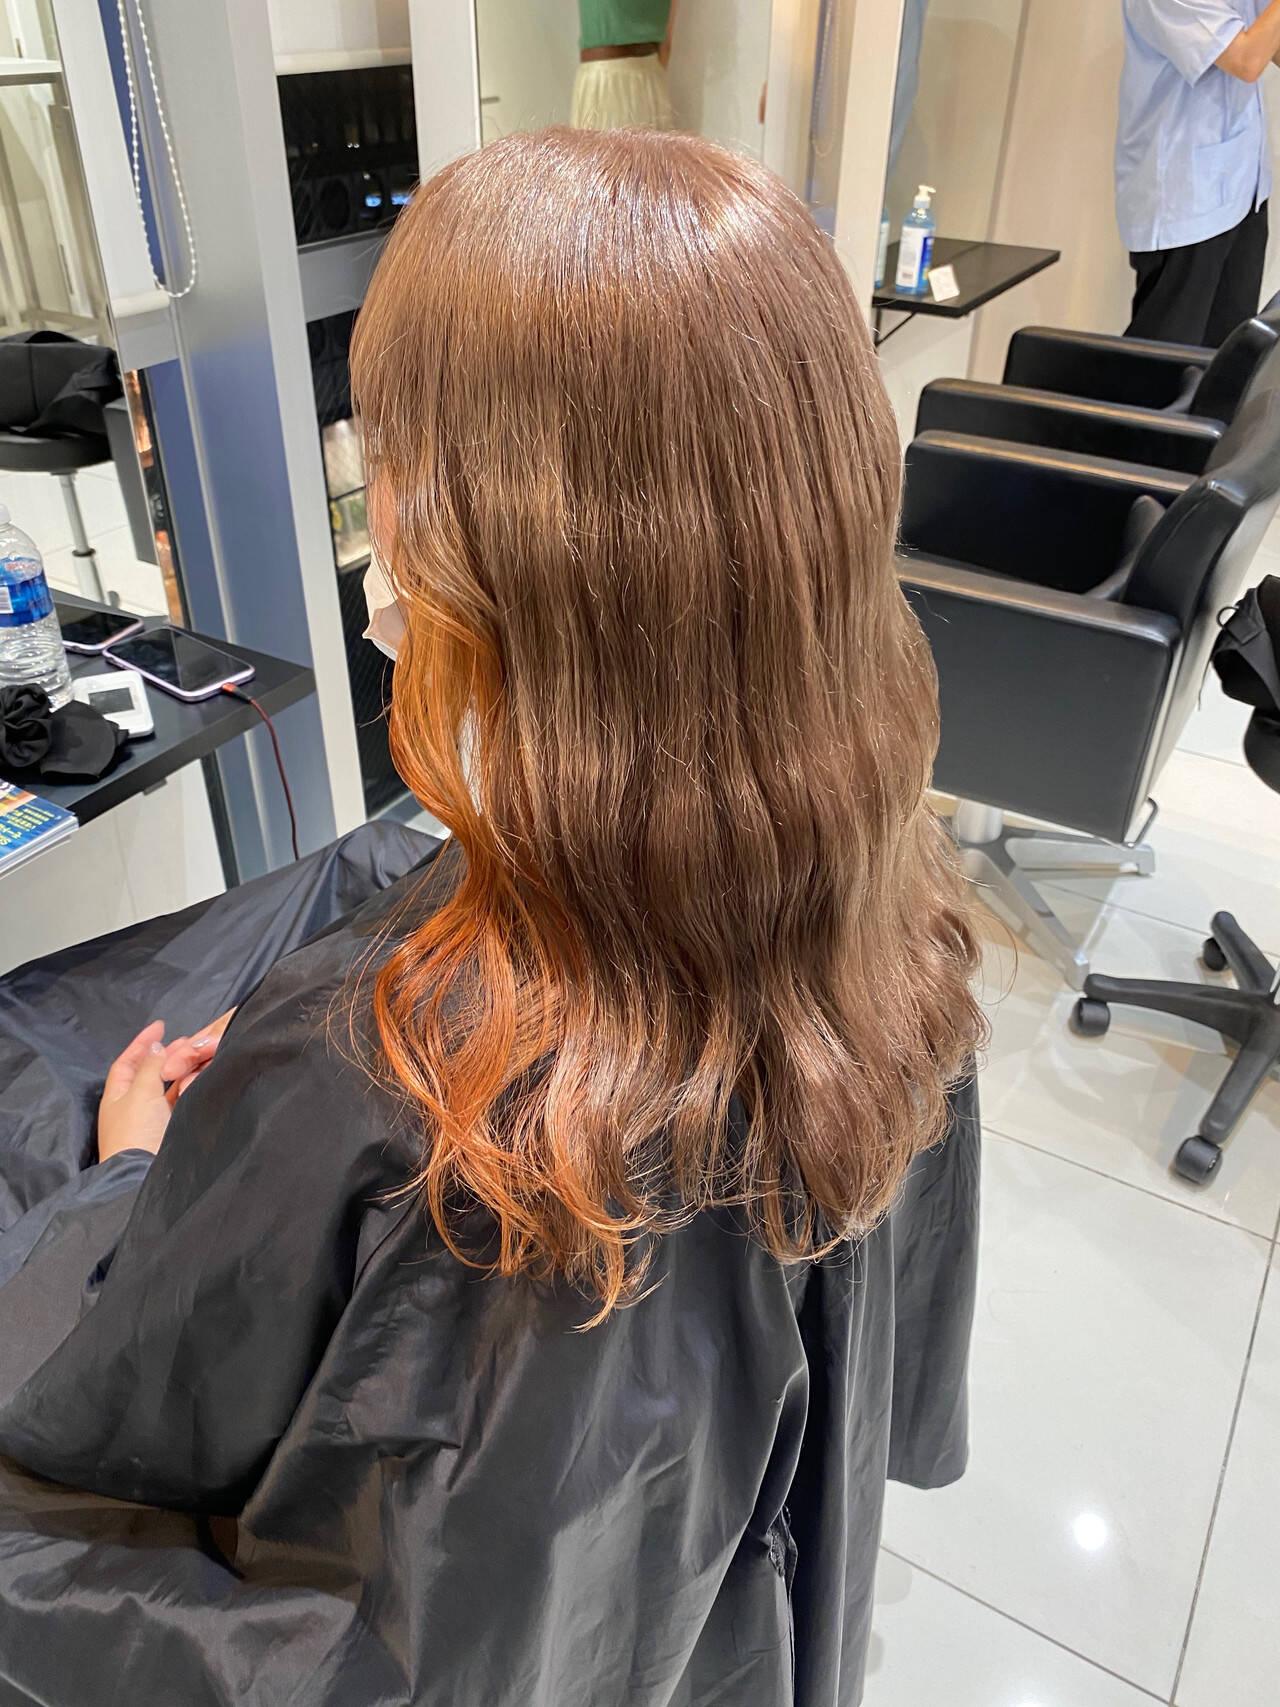 ガーリー アプリコットオレンジ ロング オレンジヘアスタイルや髪型の写真・画像